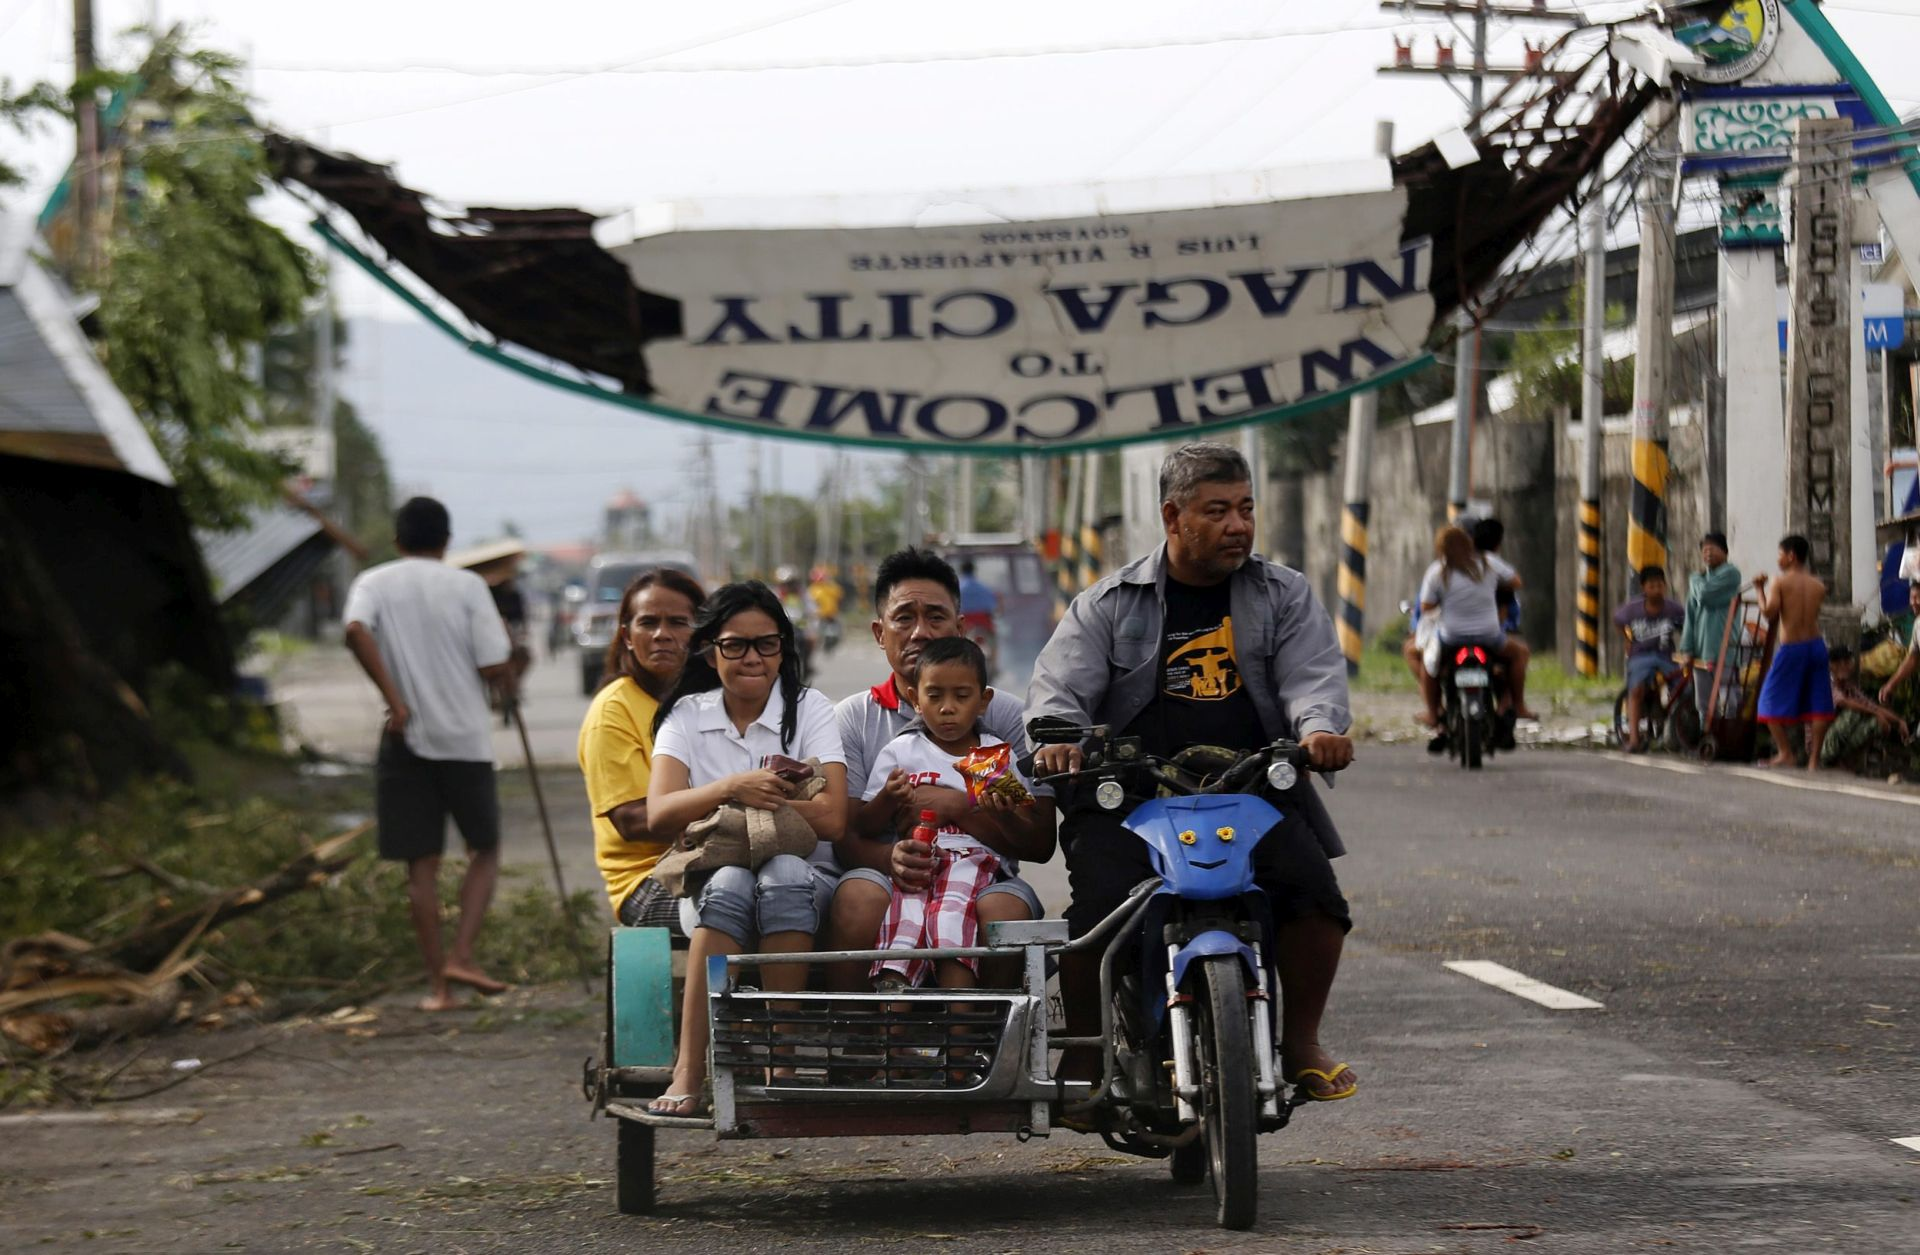 FILIPINI U božićnom tajfunu četvero poginulih